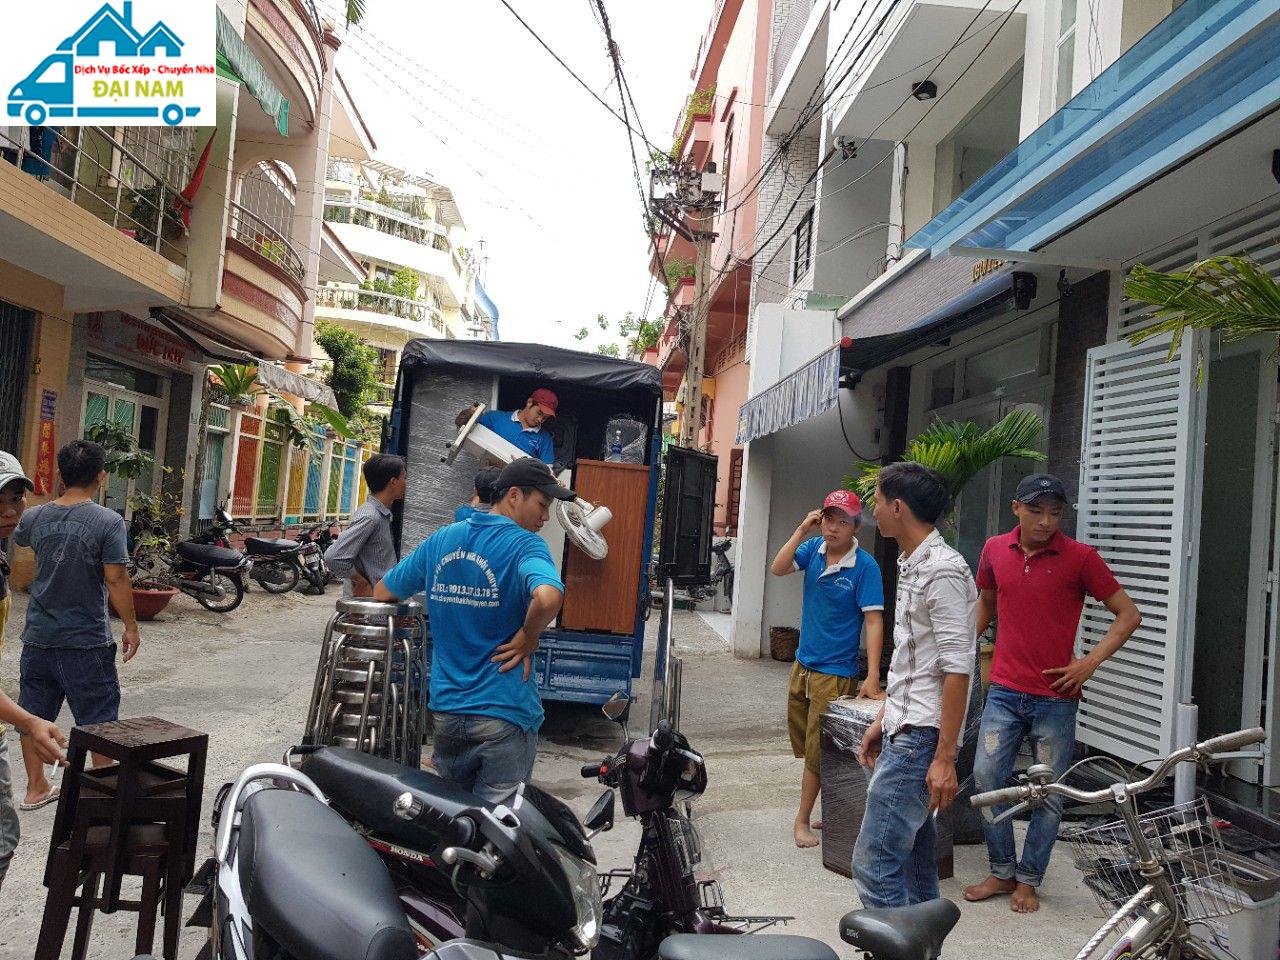 Dịch vụ chuyển nhà quận 2 trọn gói giá rẻ uy tín tại Tphcm